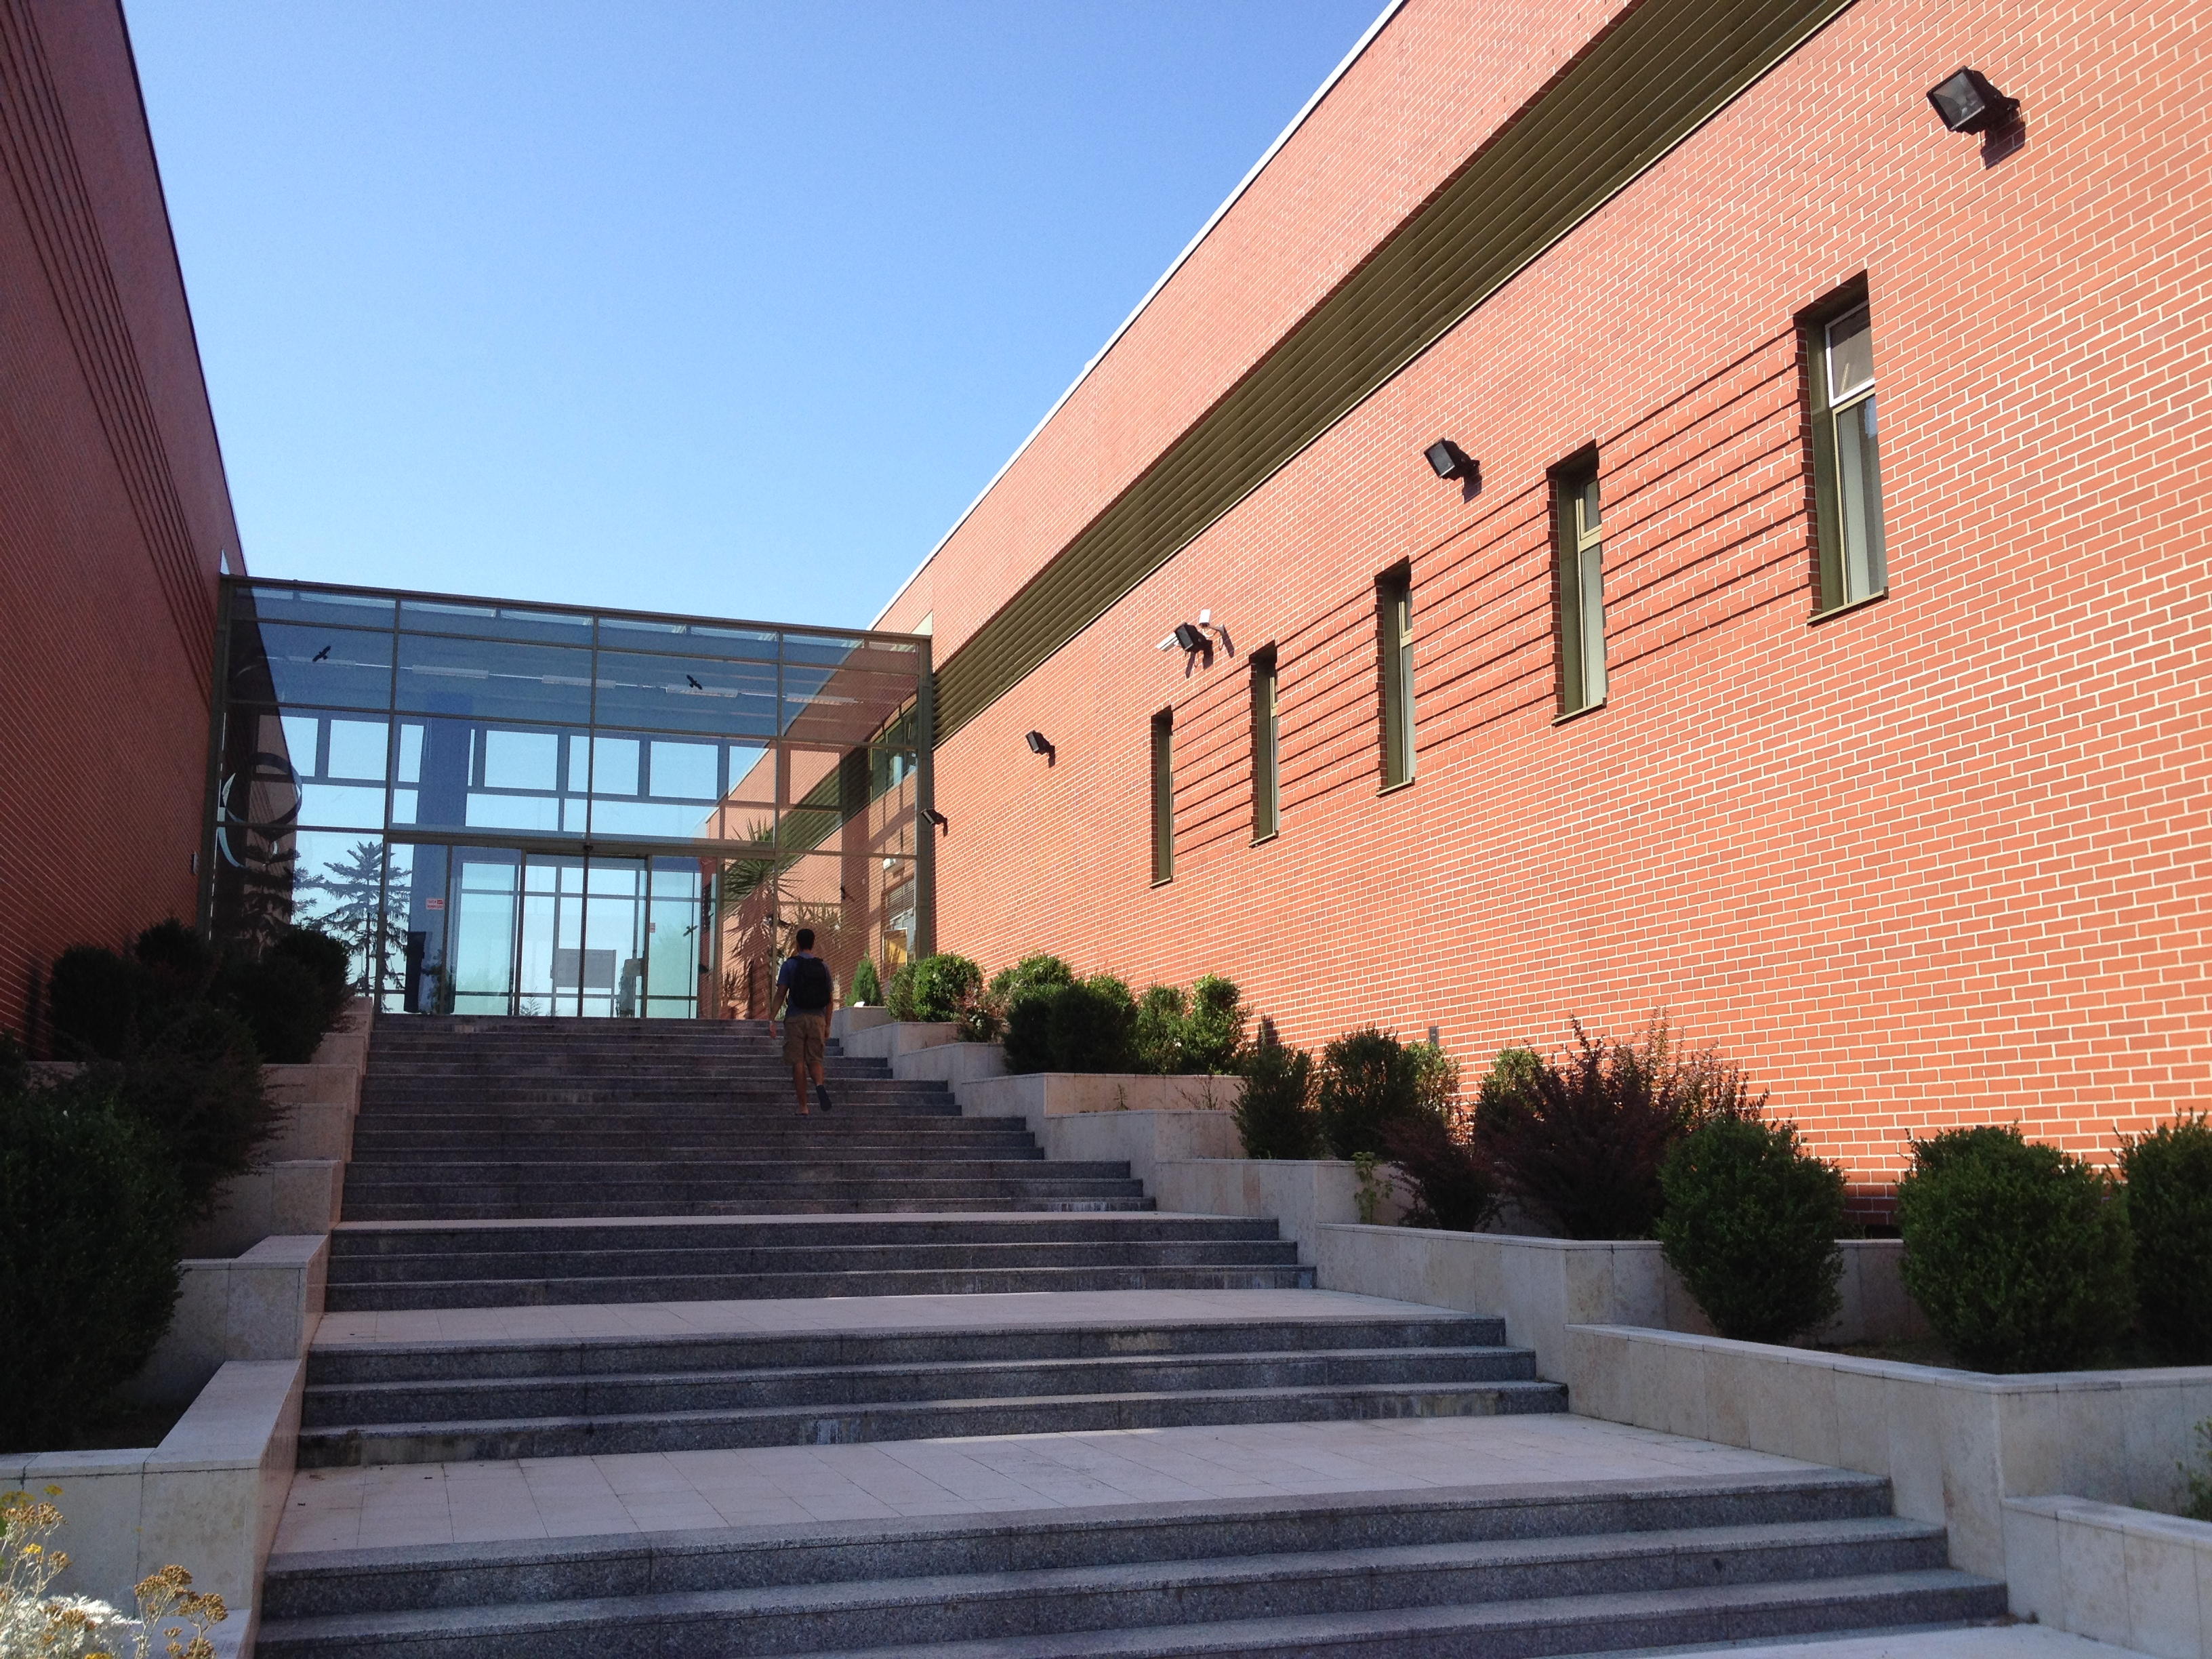 Eingang zur höheren Schule